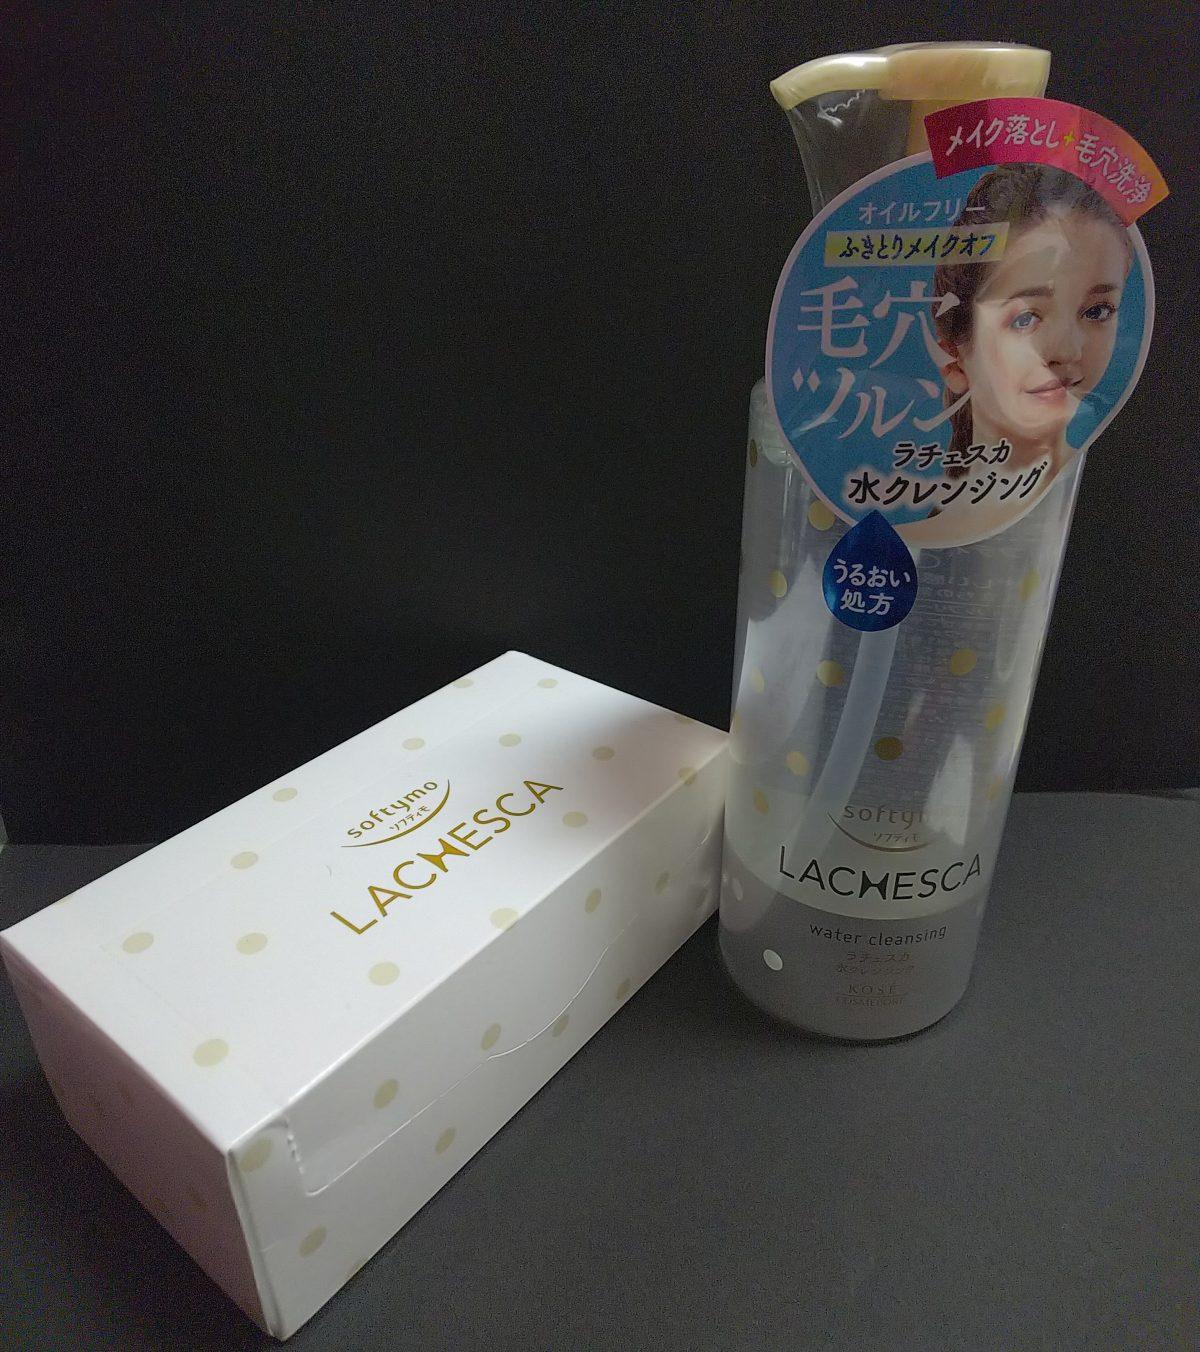 お湯不要の洗顔と肌思いの美顔器 LACHESCAクレンジング、 ジャパンギャルズ イオンスティック